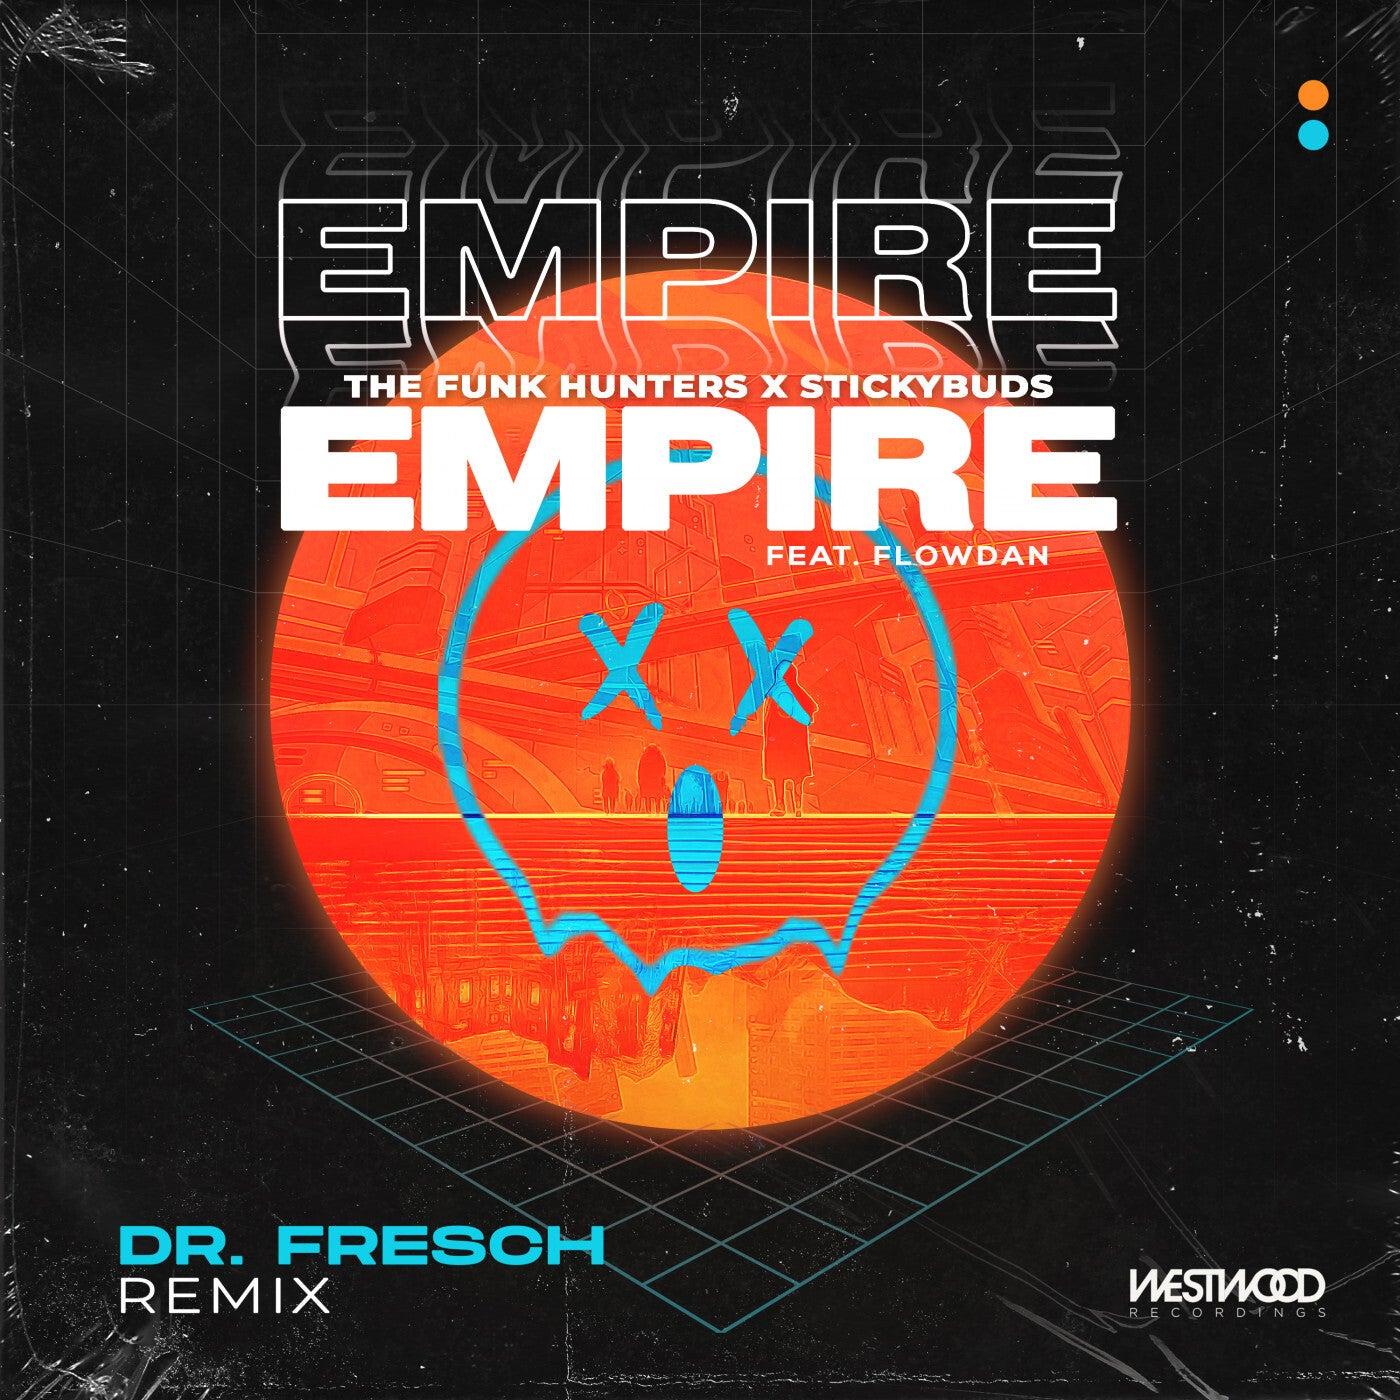 Empire (feat. Flowdan) (Dr. Fresch Extended Remix)